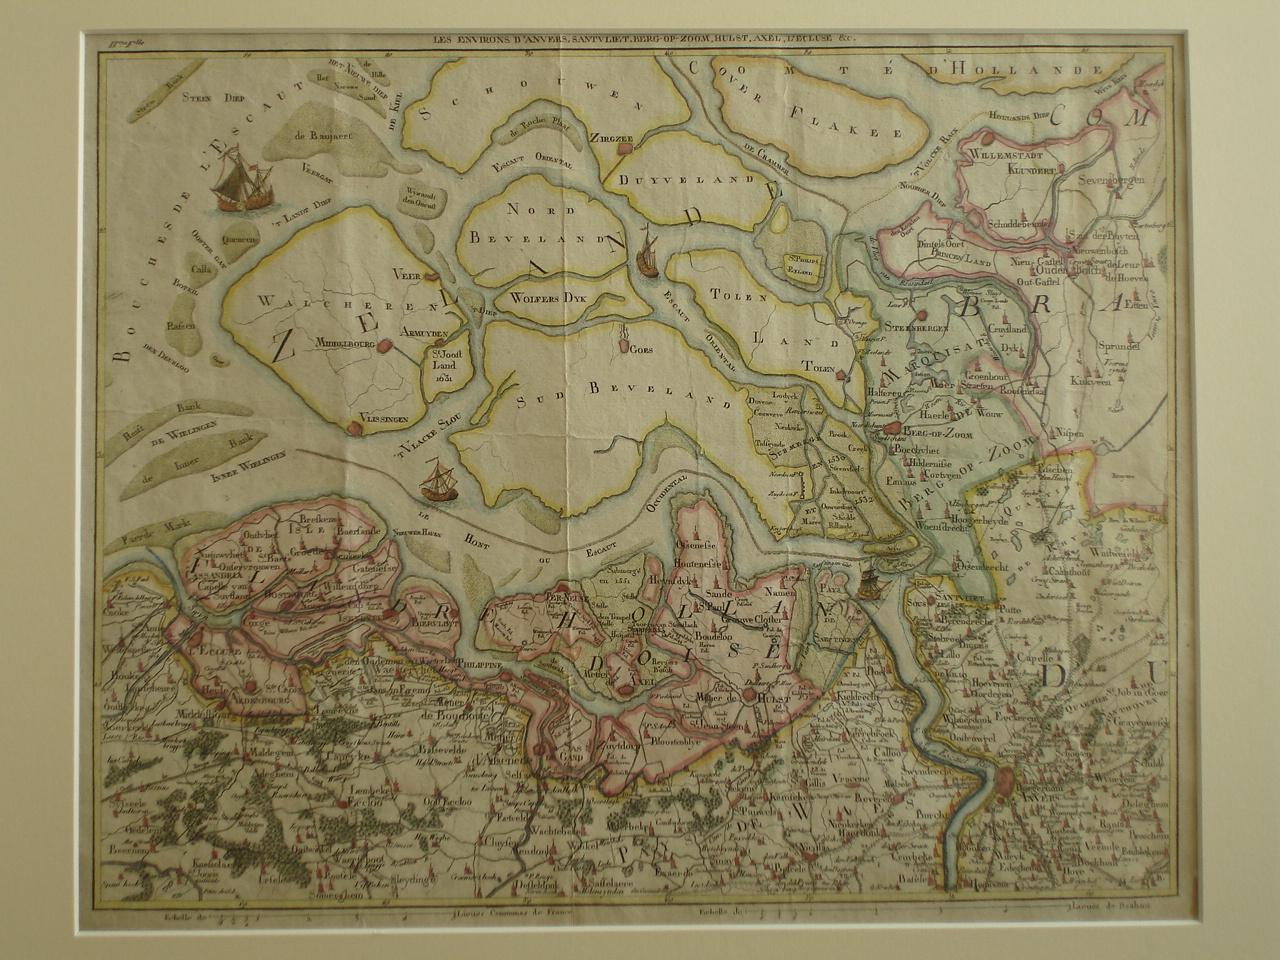 ZEEUWS-VLAANDEREN. - Les Environs D'Anvers, Santvliet, Berg-Op-Zoom, Hulst, Axel, L'Ecluse & c.